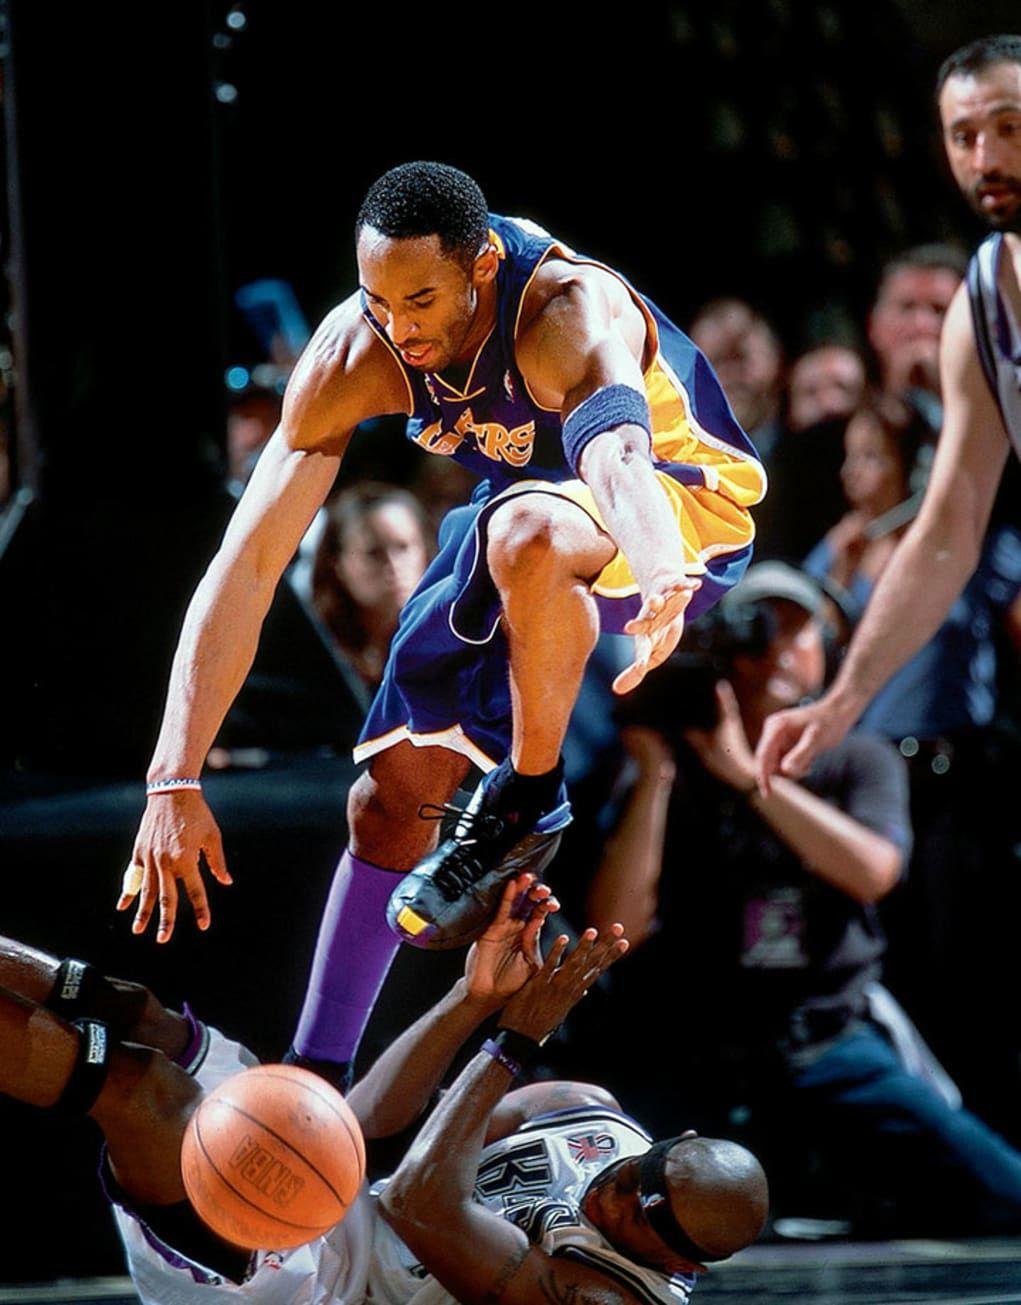 100 Best Kobe Bryant Photos in 2020 Kobe bryant, Kobe